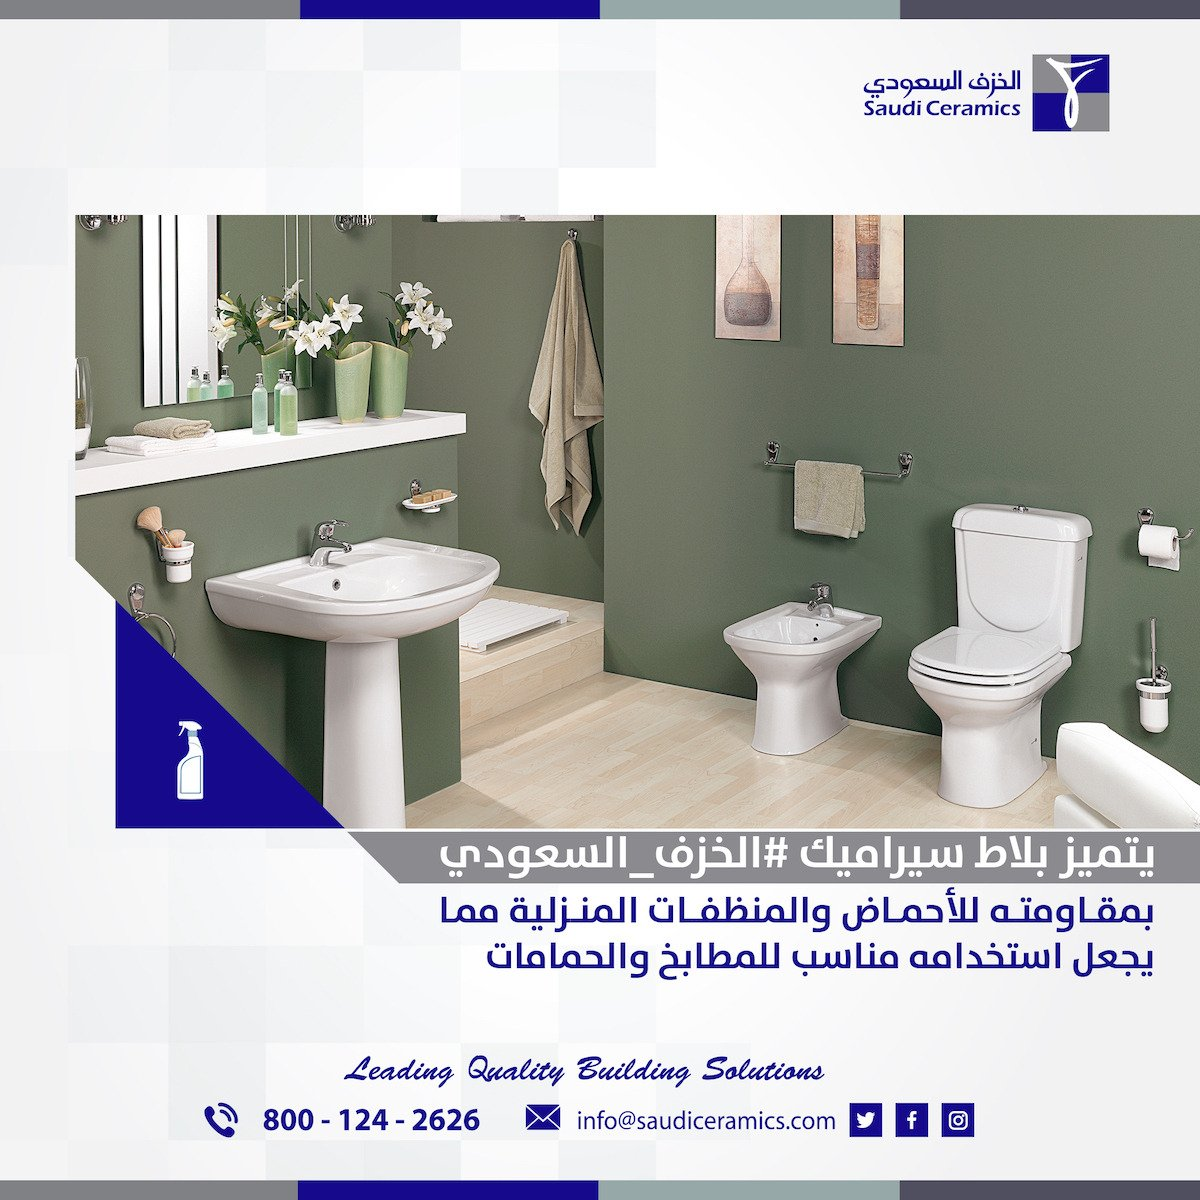 الخزف السعودي Pe Twitter يتميز بلاط سيراميك الخزف السعودي بمقاومته للأحماض والمنظفات المنزلية مما يجعل استخدامه مناسب للمطابخ والحمامات